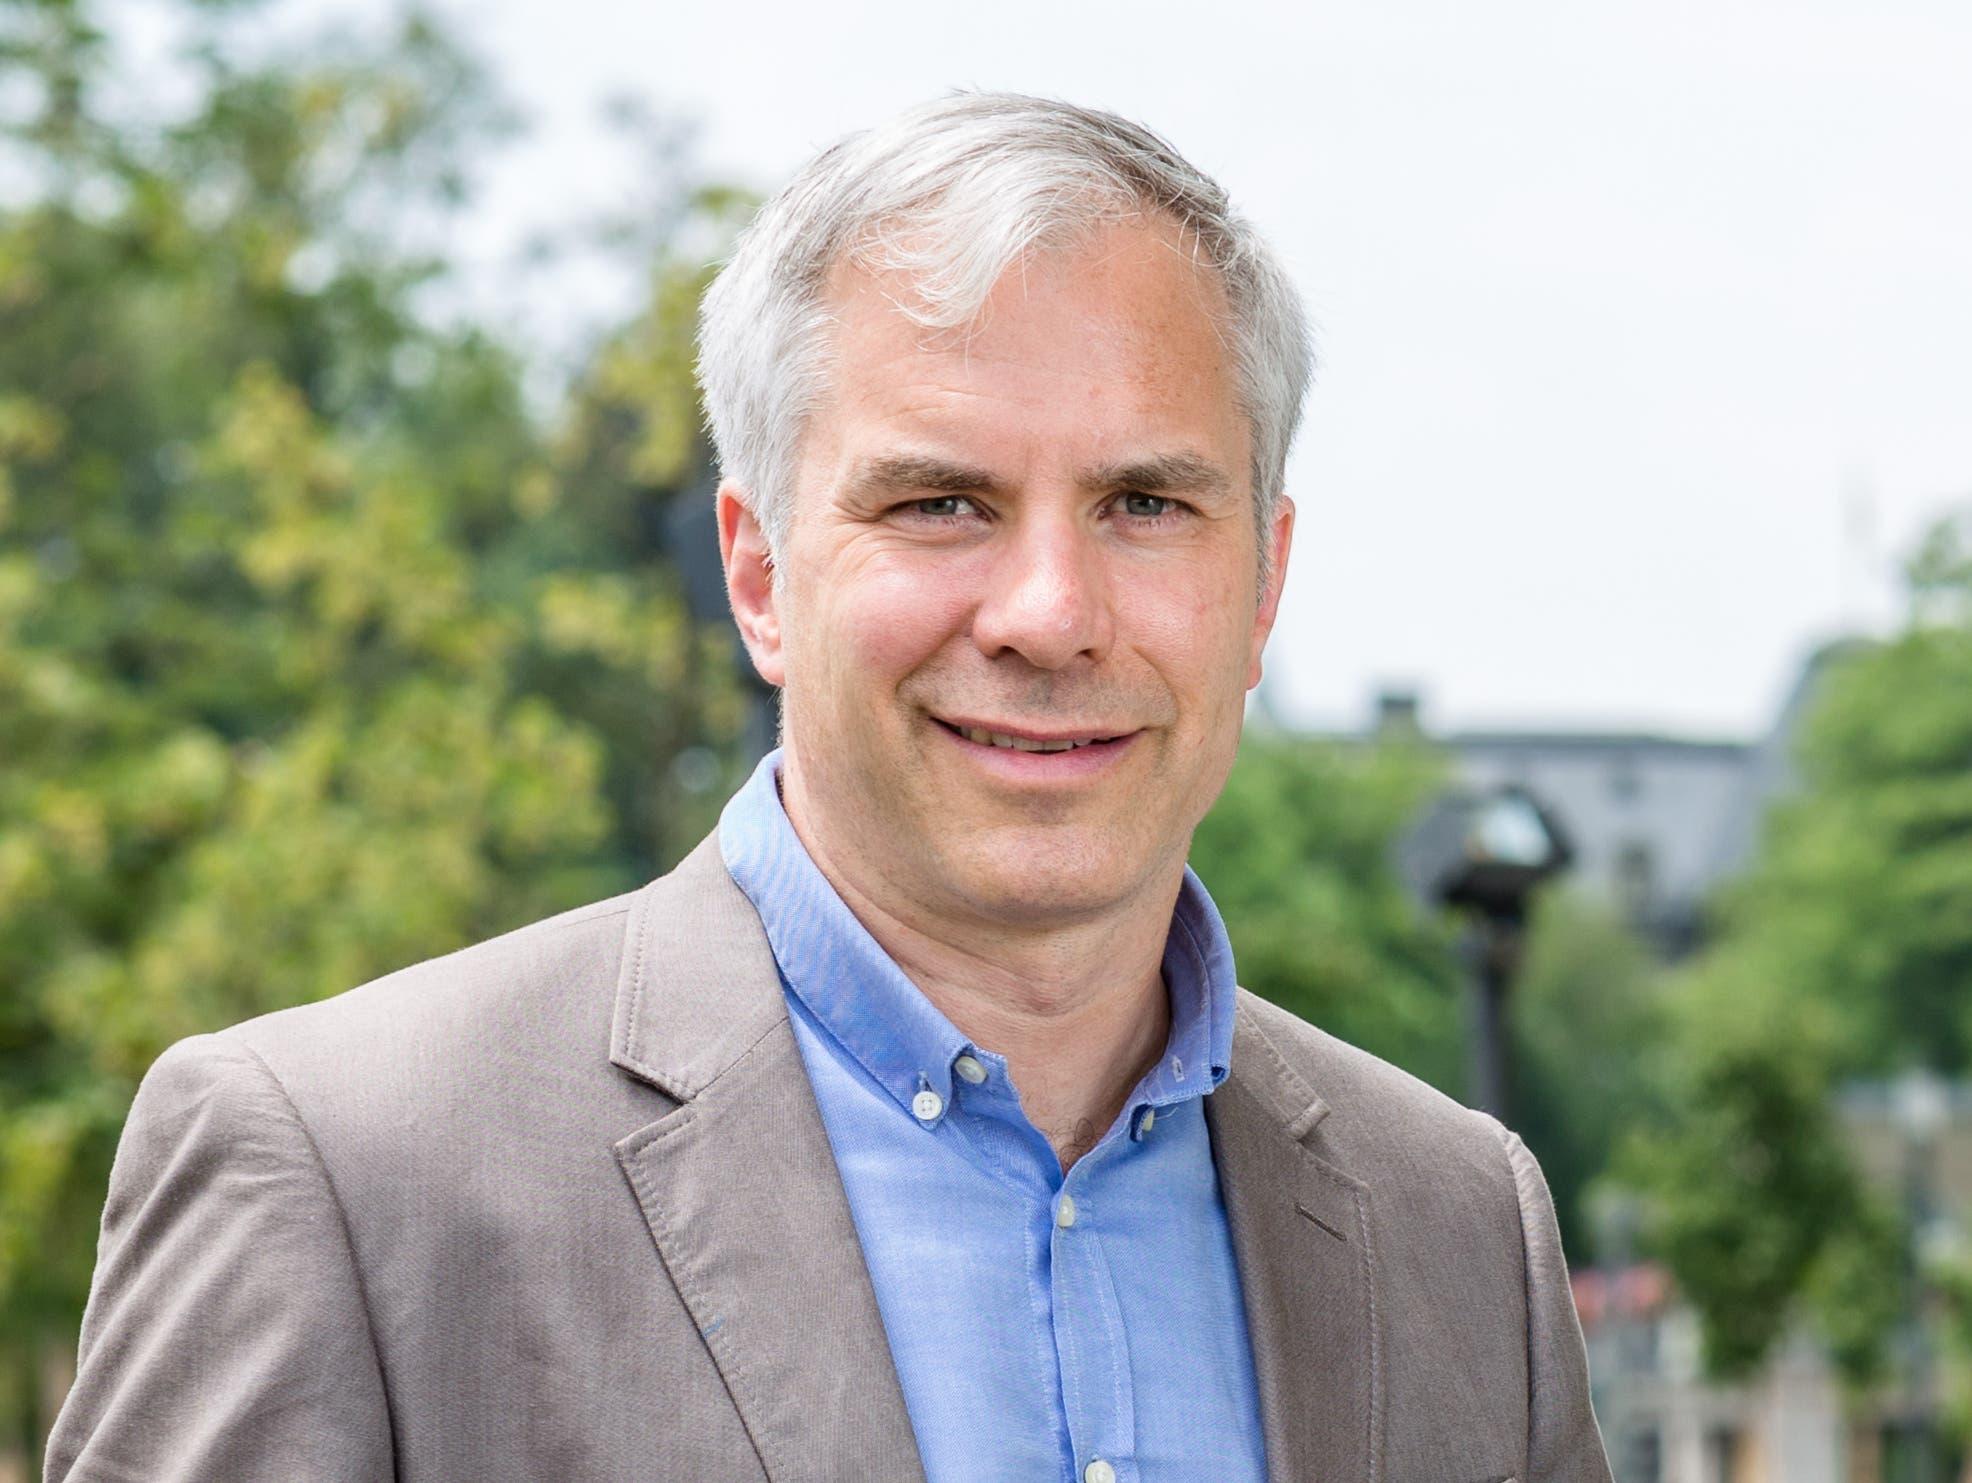 Martin Ackermann49, Präsident TaskforceSeit August im Amt, gab sich der Eawag-Biologe zunächst öffentlich zurückhaltend. Mit zunehmender Medienerfahrung tritt er selbstsicherer auf.